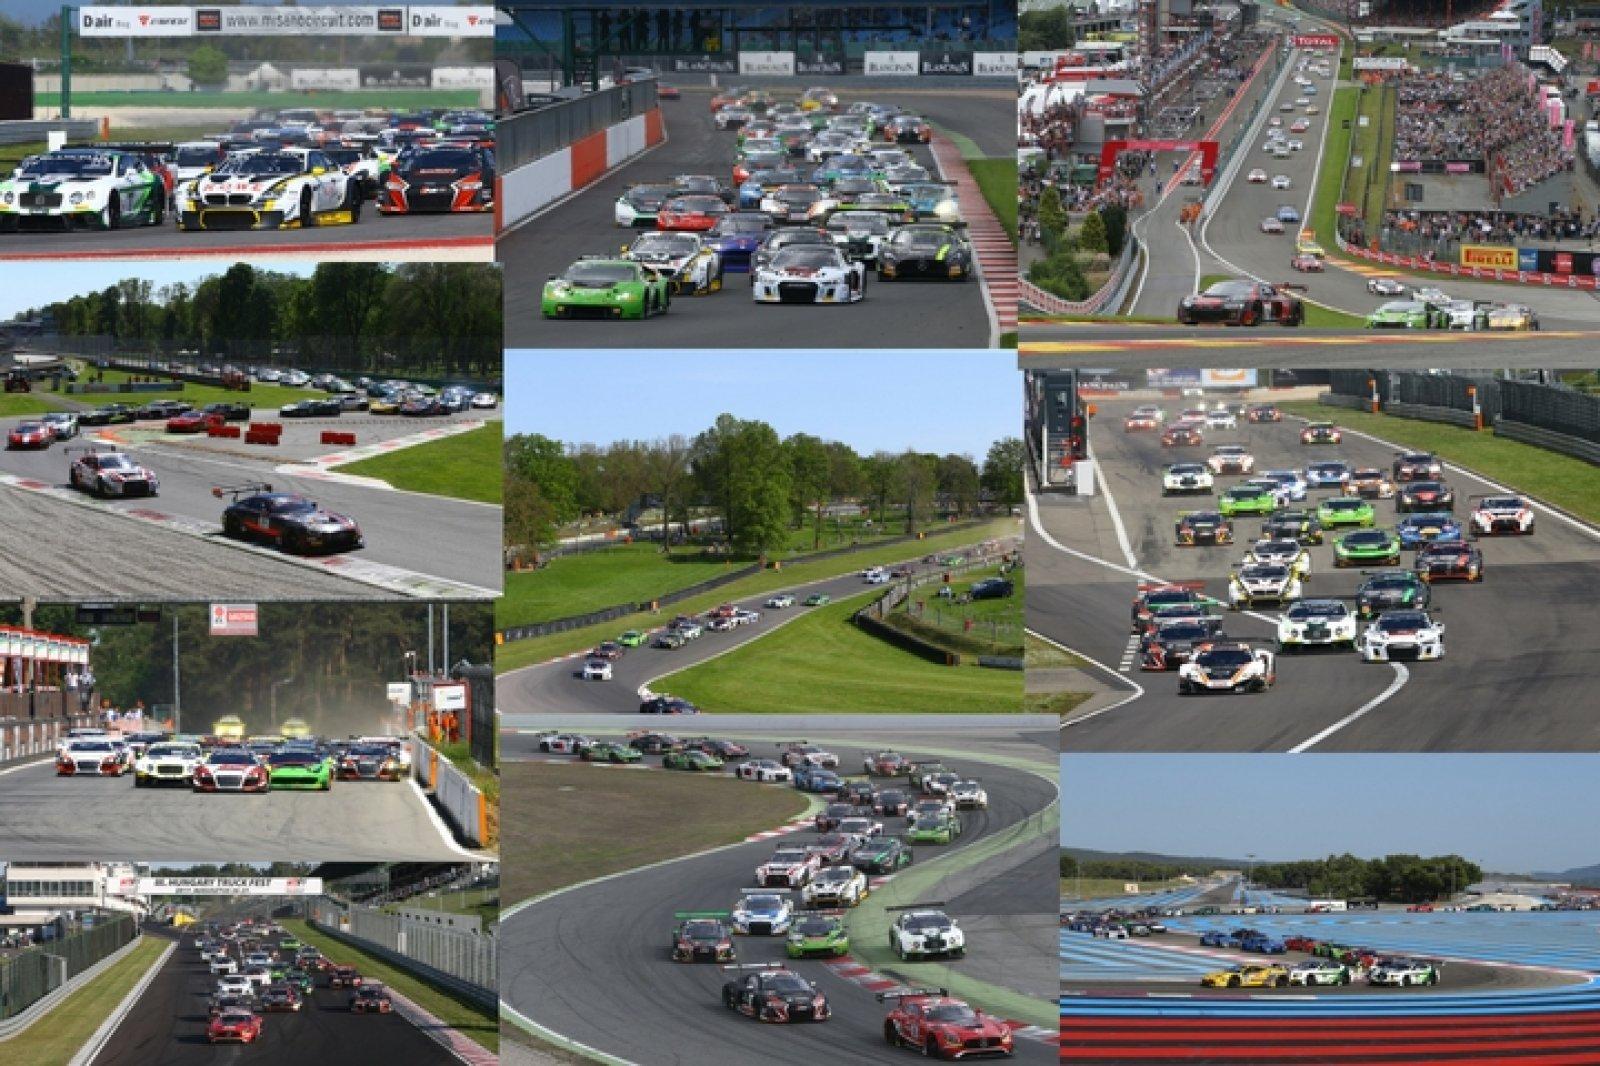 2017 Blancpain GT Series calendar finalised